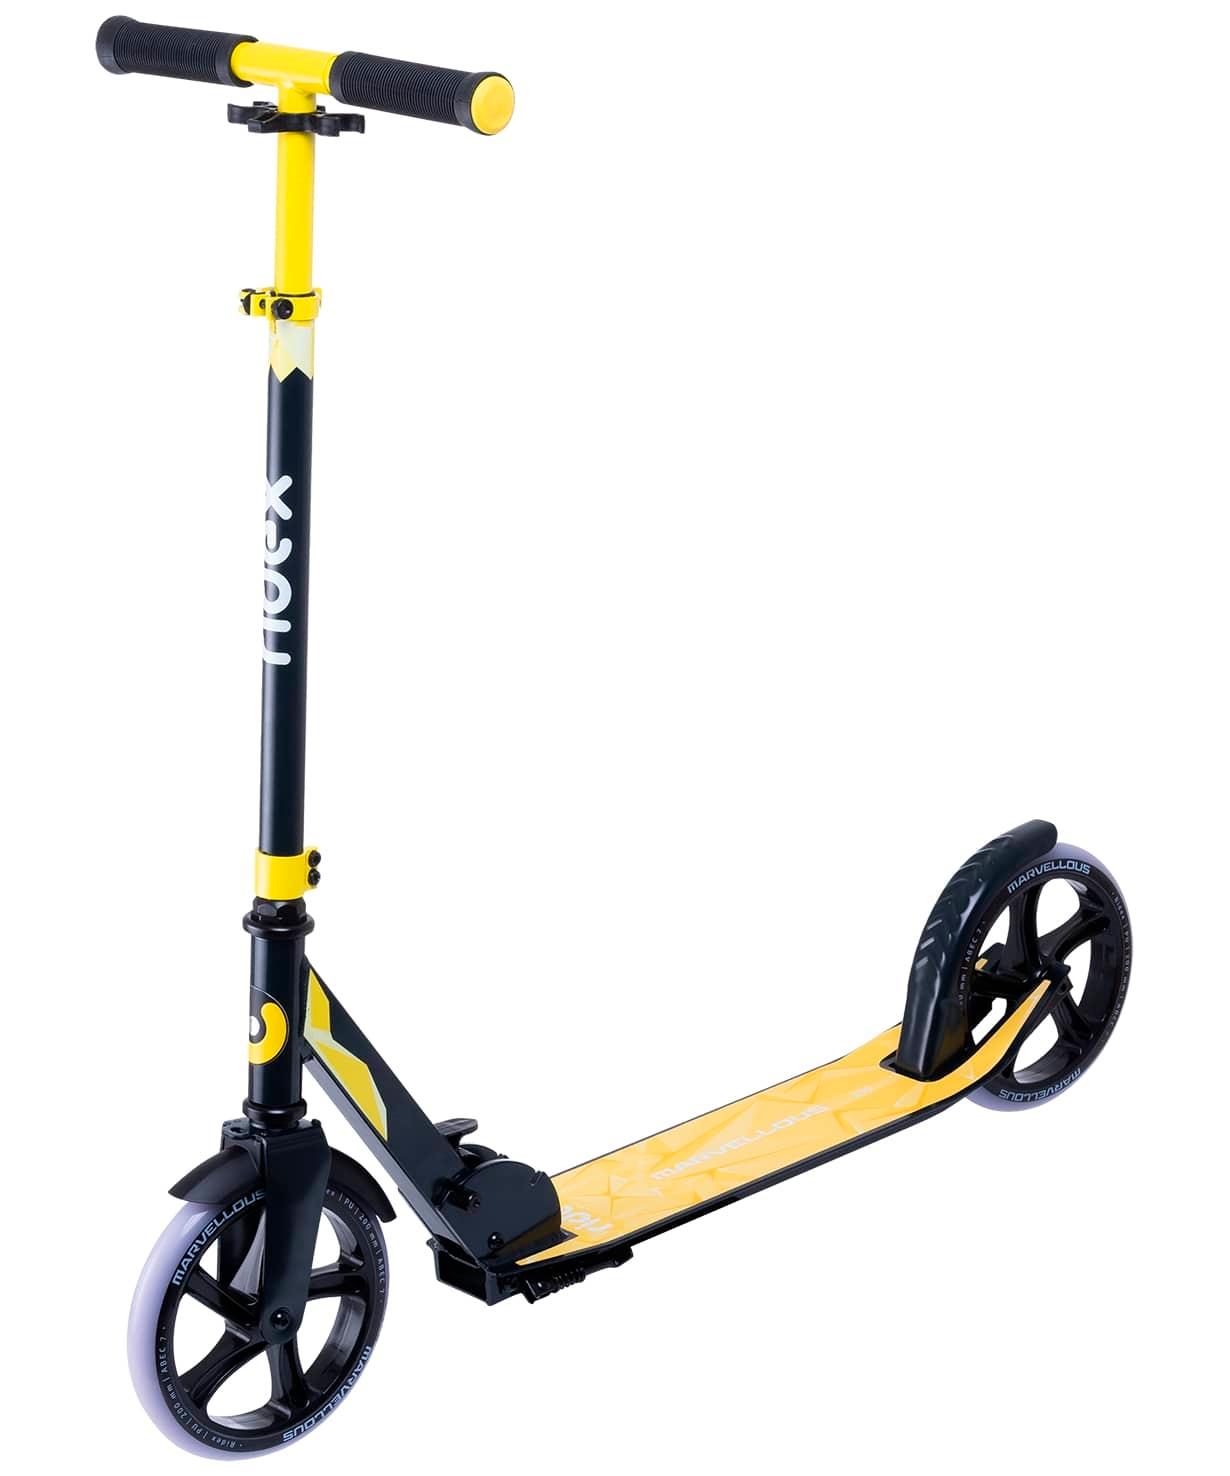 Самокат 2-колесный Marvellous 200 мм, черный/желтый